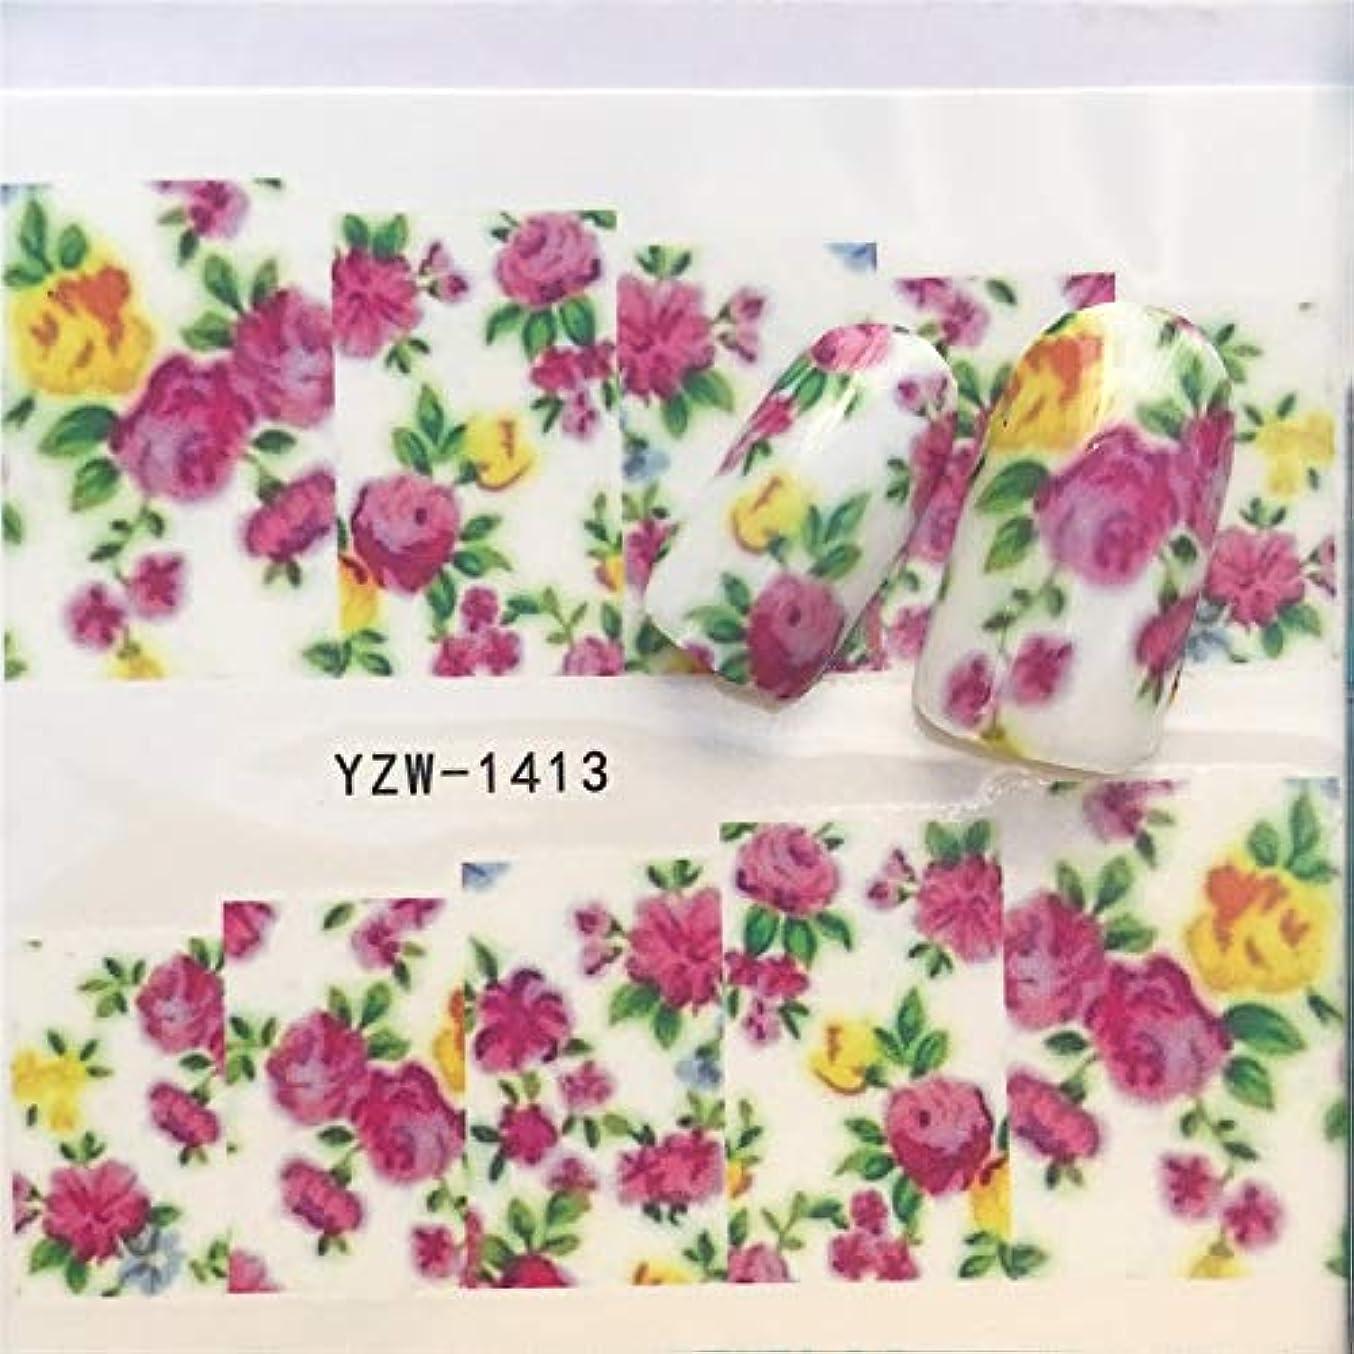 サンダルデマンド危機手足ビューティーケア 3個ネイルステッカーセットデカール水転写スライダーネイルアートデコレーション、色:YZW 1413